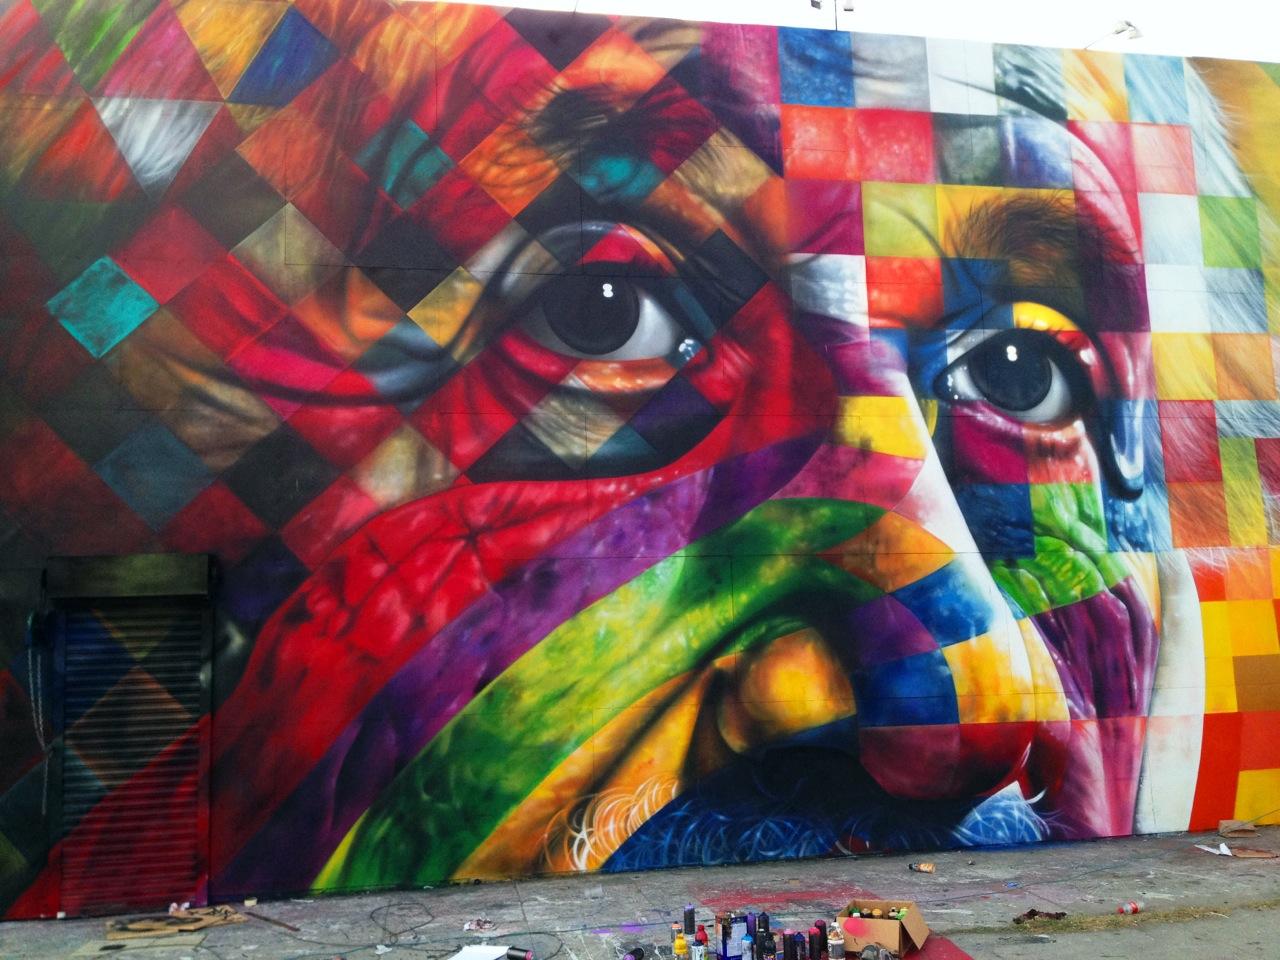 Fantásticas Obras de Arte Urbano Fantásticas Obras de Arte Urbano decorar una casa eduardo kobra mural 2